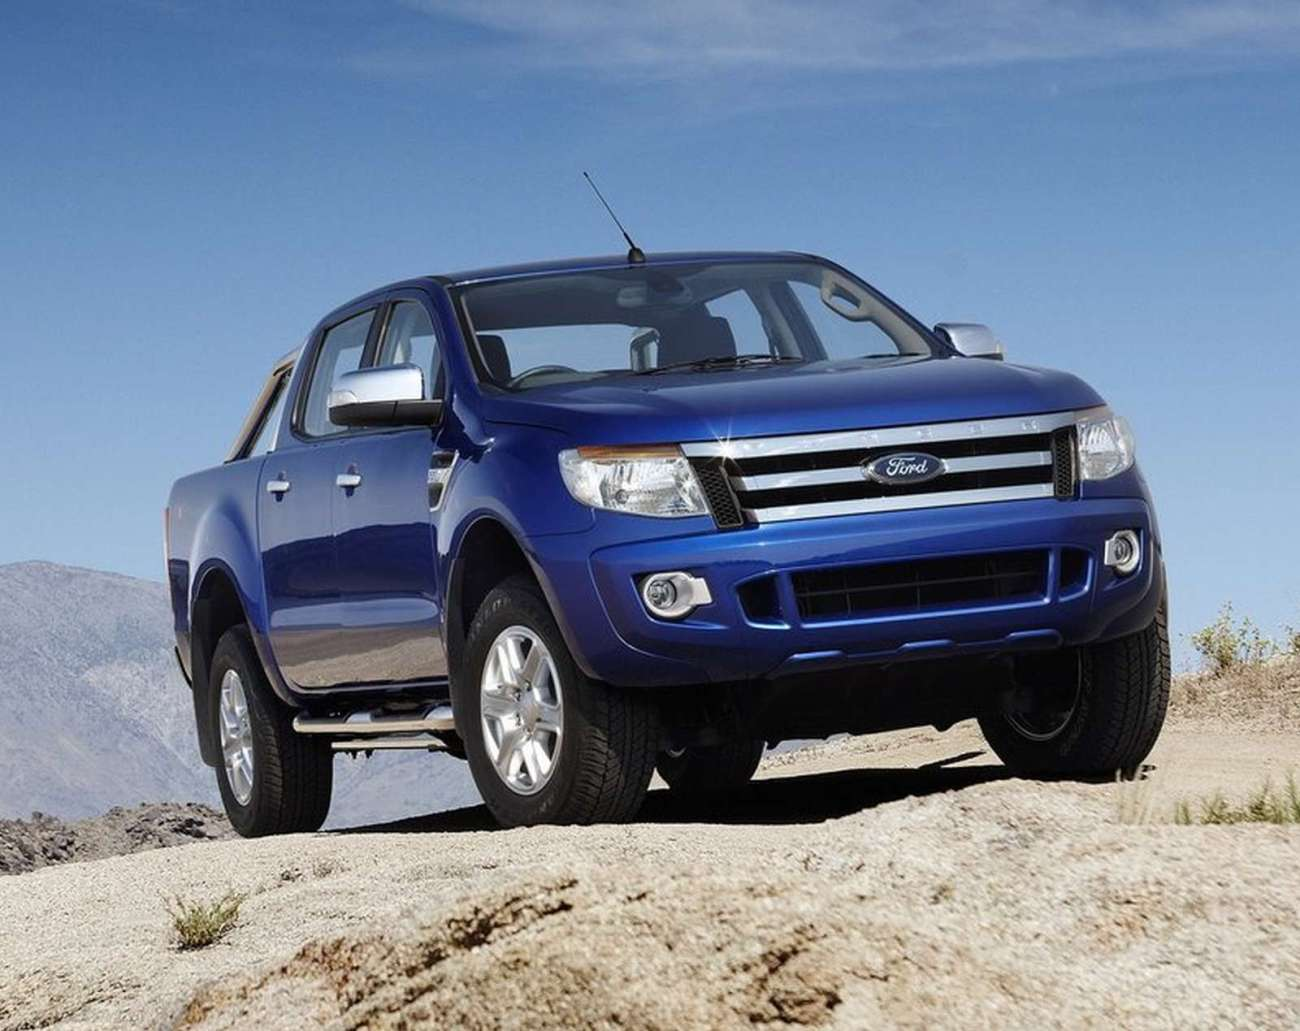 2012 ford ranger automotive todays. Black Bedroom Furniture Sets. Home Design Ideas